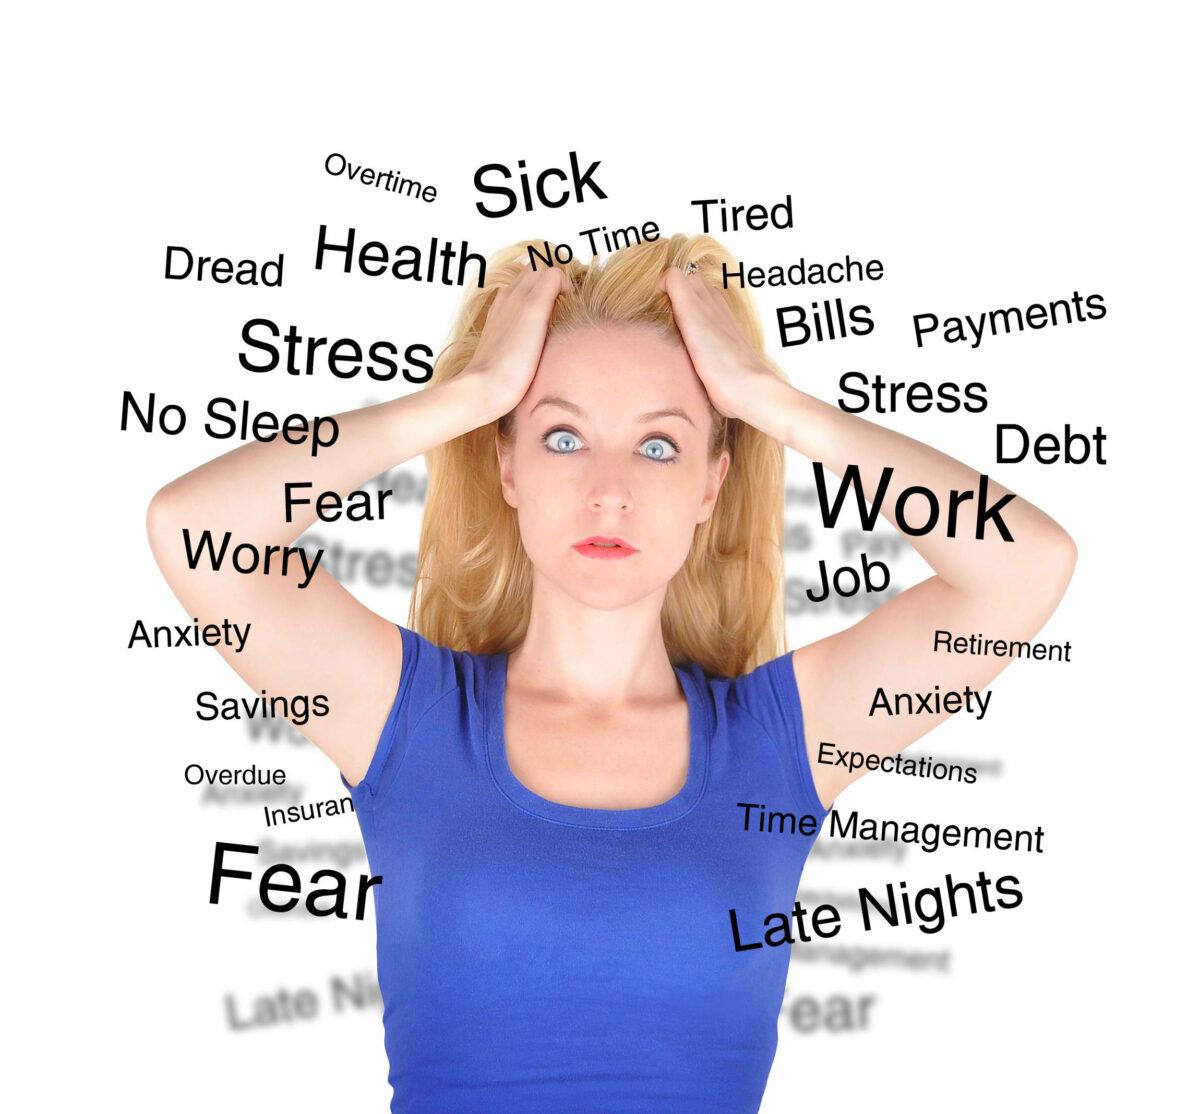 Massage helpt ont-stressen en leidt tot betere prestaties. Deel 1 van 2